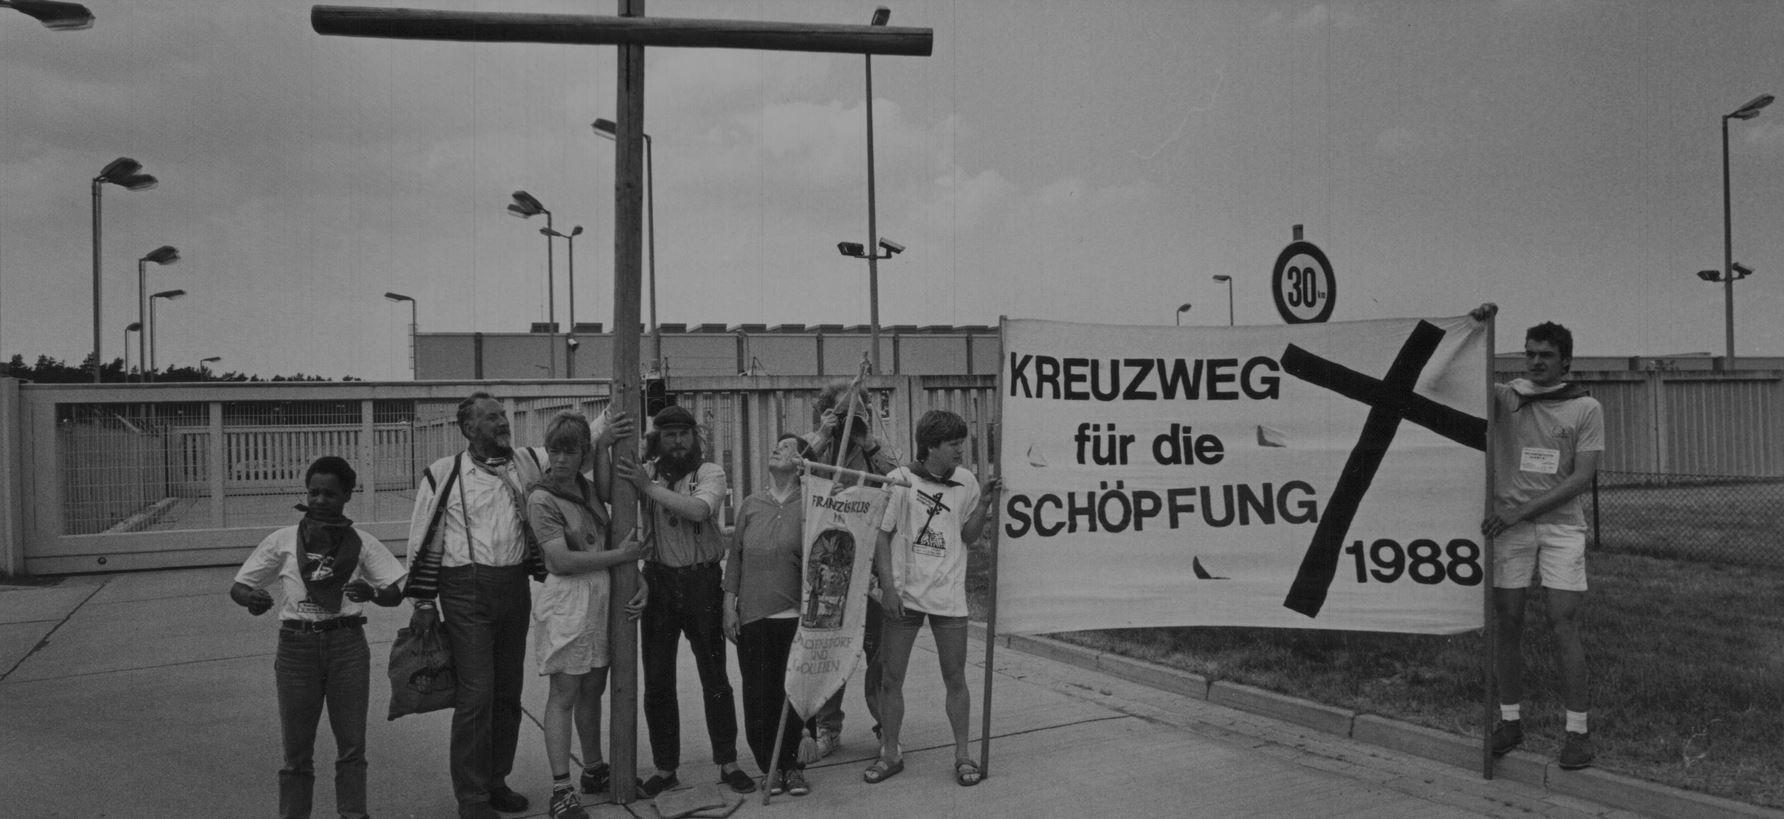 Kreuzweg 1988. Bild: Michael Meyborg